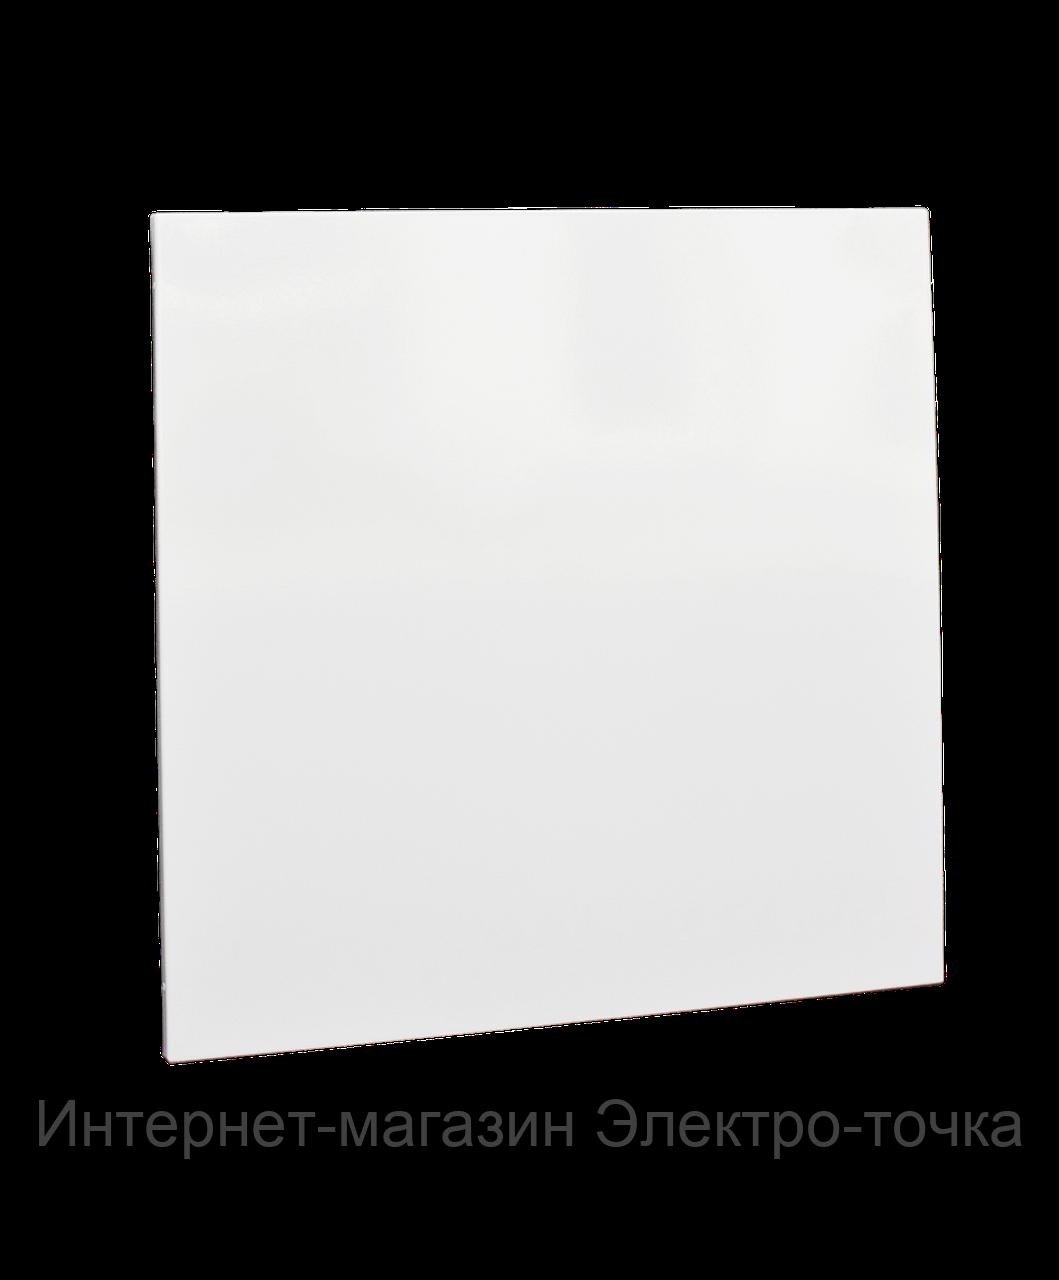 Инфракрасная потолочная отопительная панель электрическая (8-10 кв.м) 500 Вт. UDEN-500P